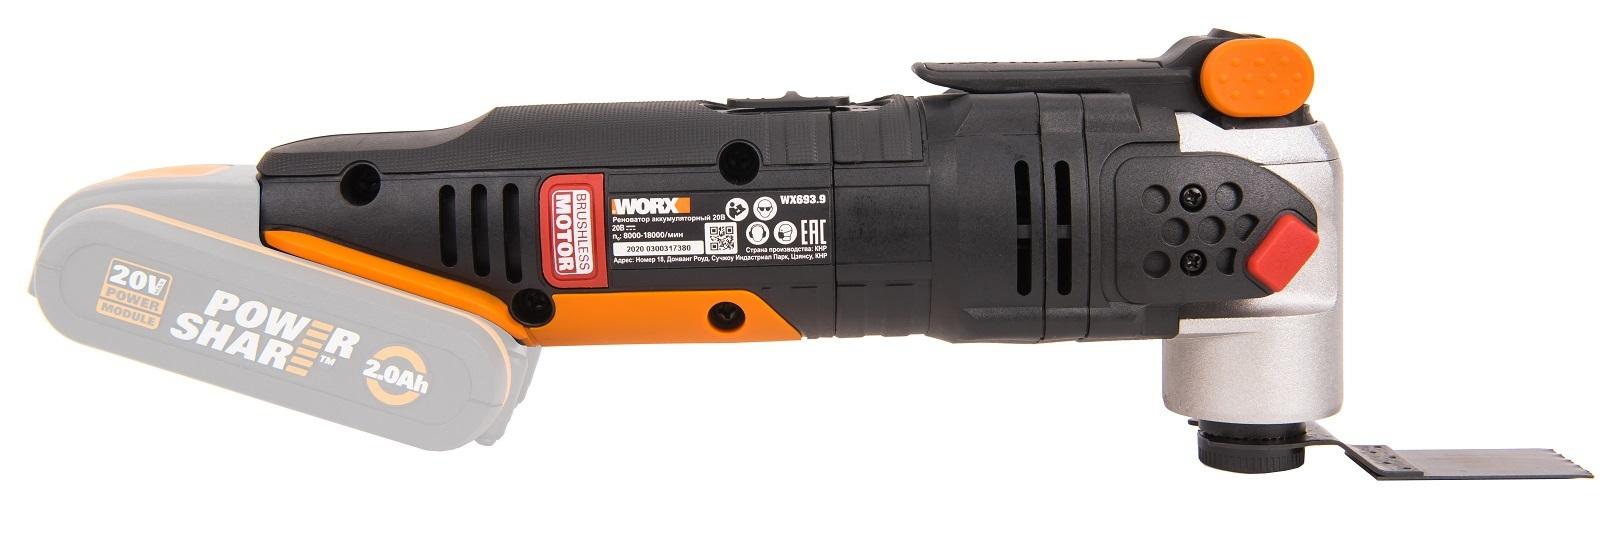 Реноватор аккумуляторный WORX WX693.9, 20В, бесщеточный, без АКБ и ЗУ, коробка